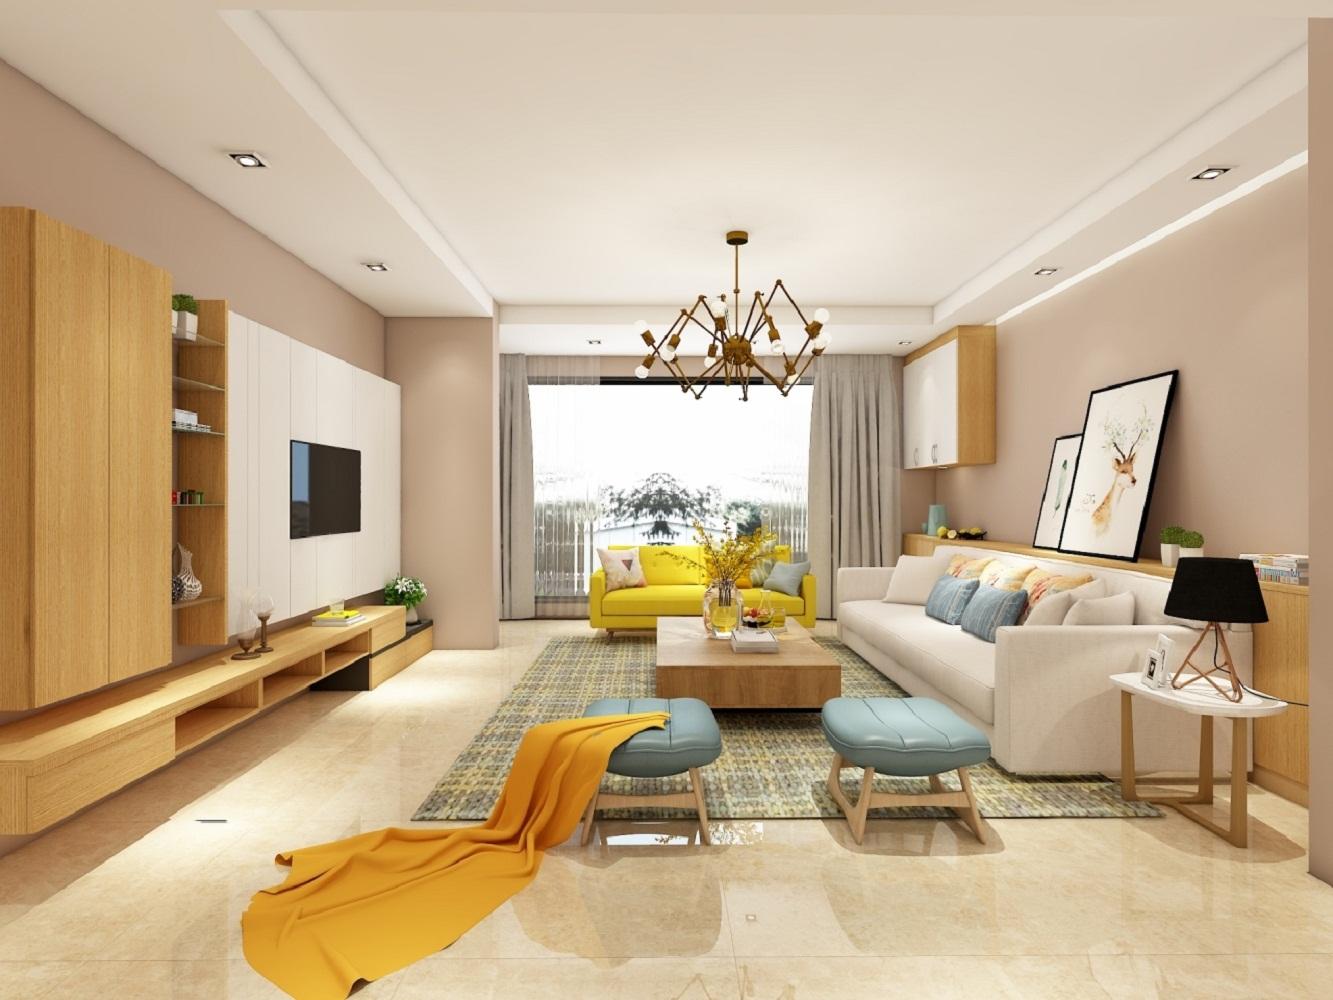 北欧三居室设计客厅效果图